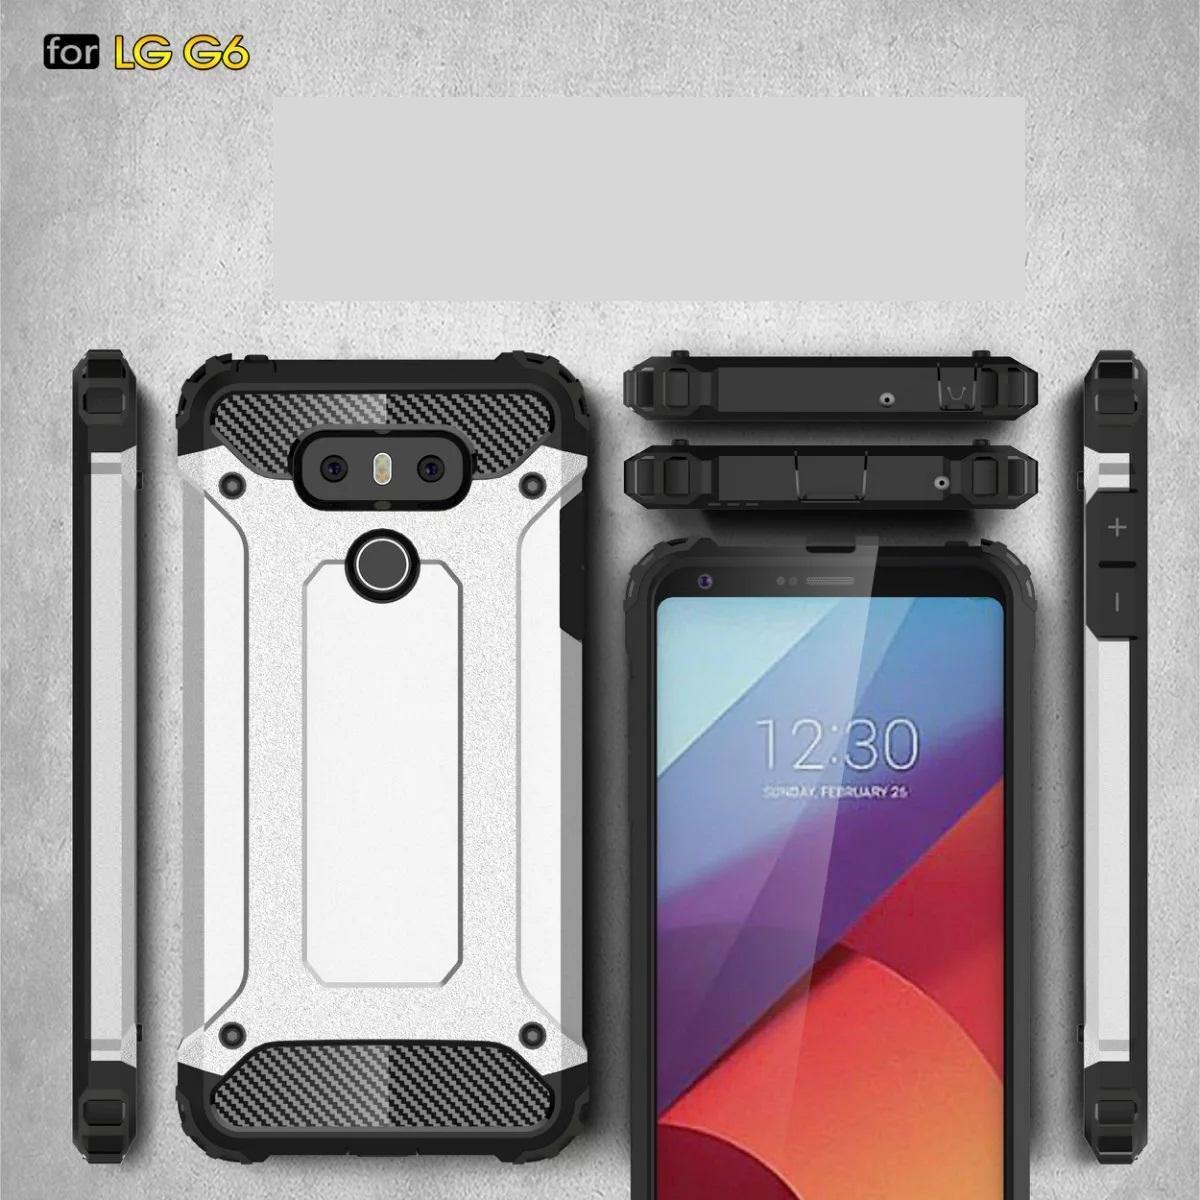 armorハイブリッドディフェンダーケースTPU + PC耐衝撃カバーケースLG G6 G5 Q6 Galaxy S7エッジS7プラスS6エッジプラス